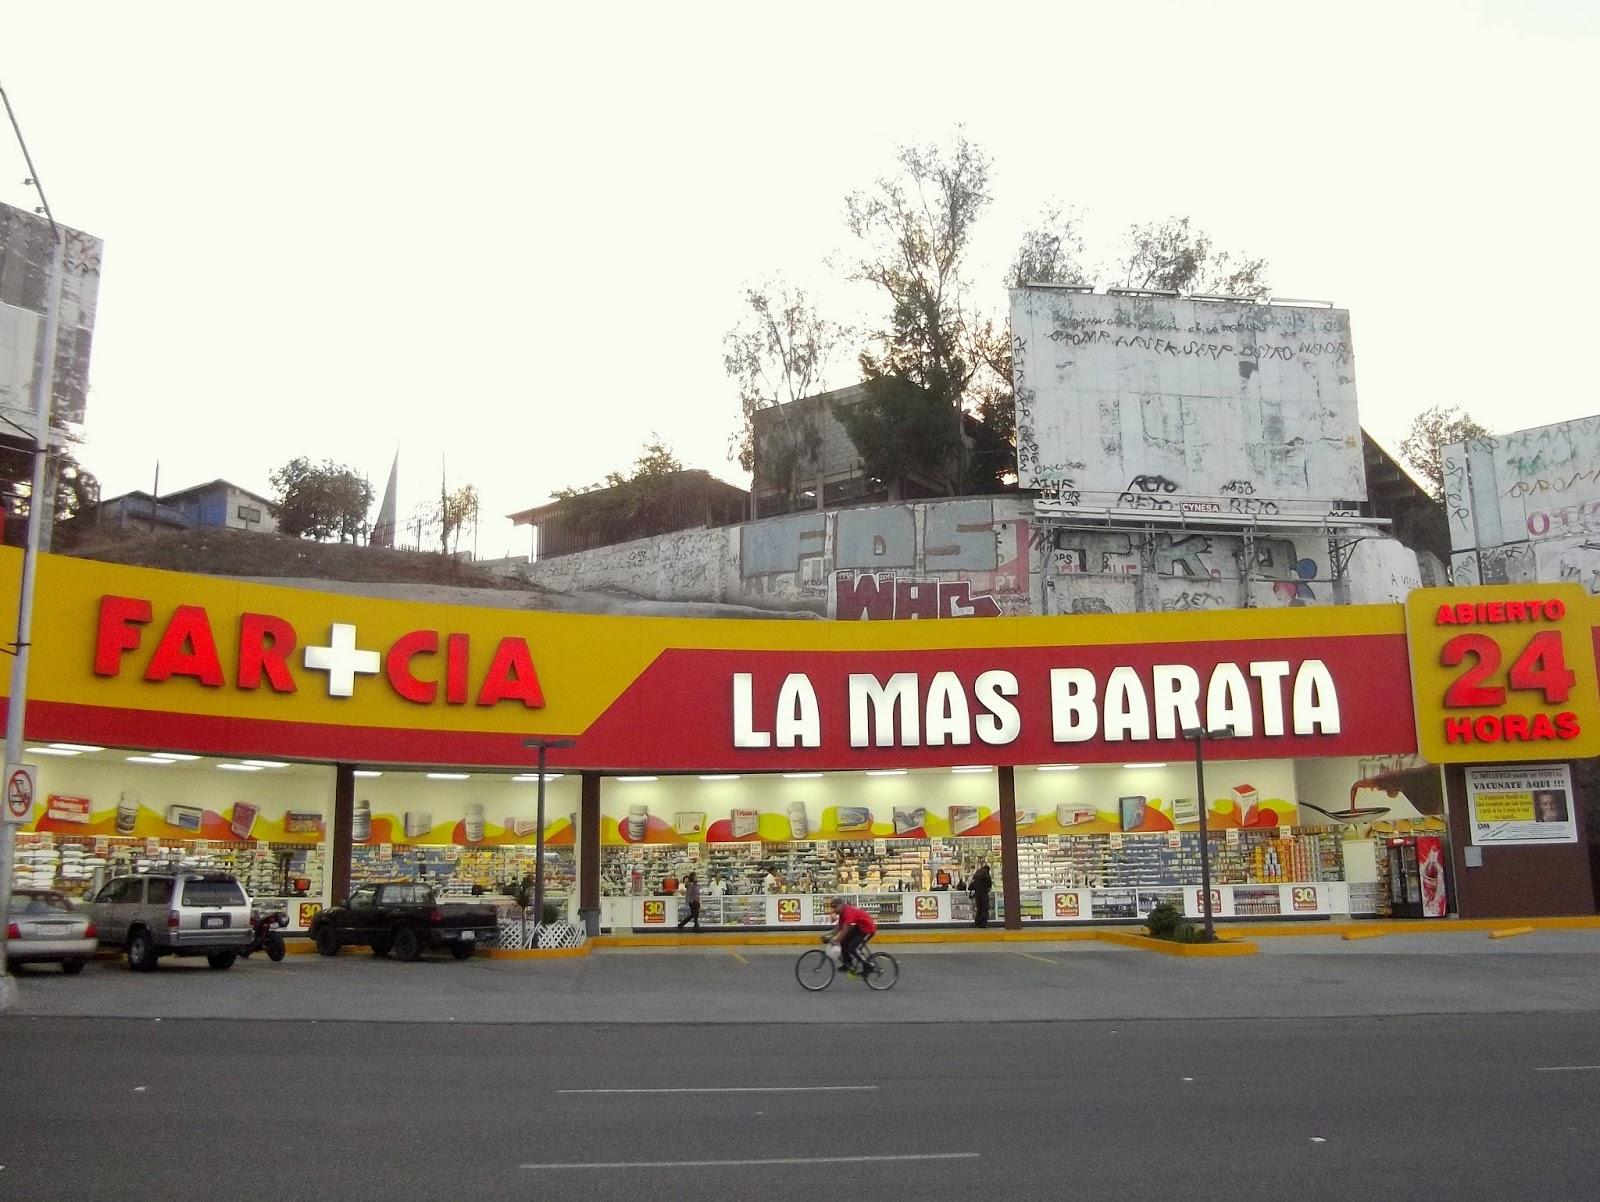 Investigar en tiempos extraños: Postales de Tijuana, B.C